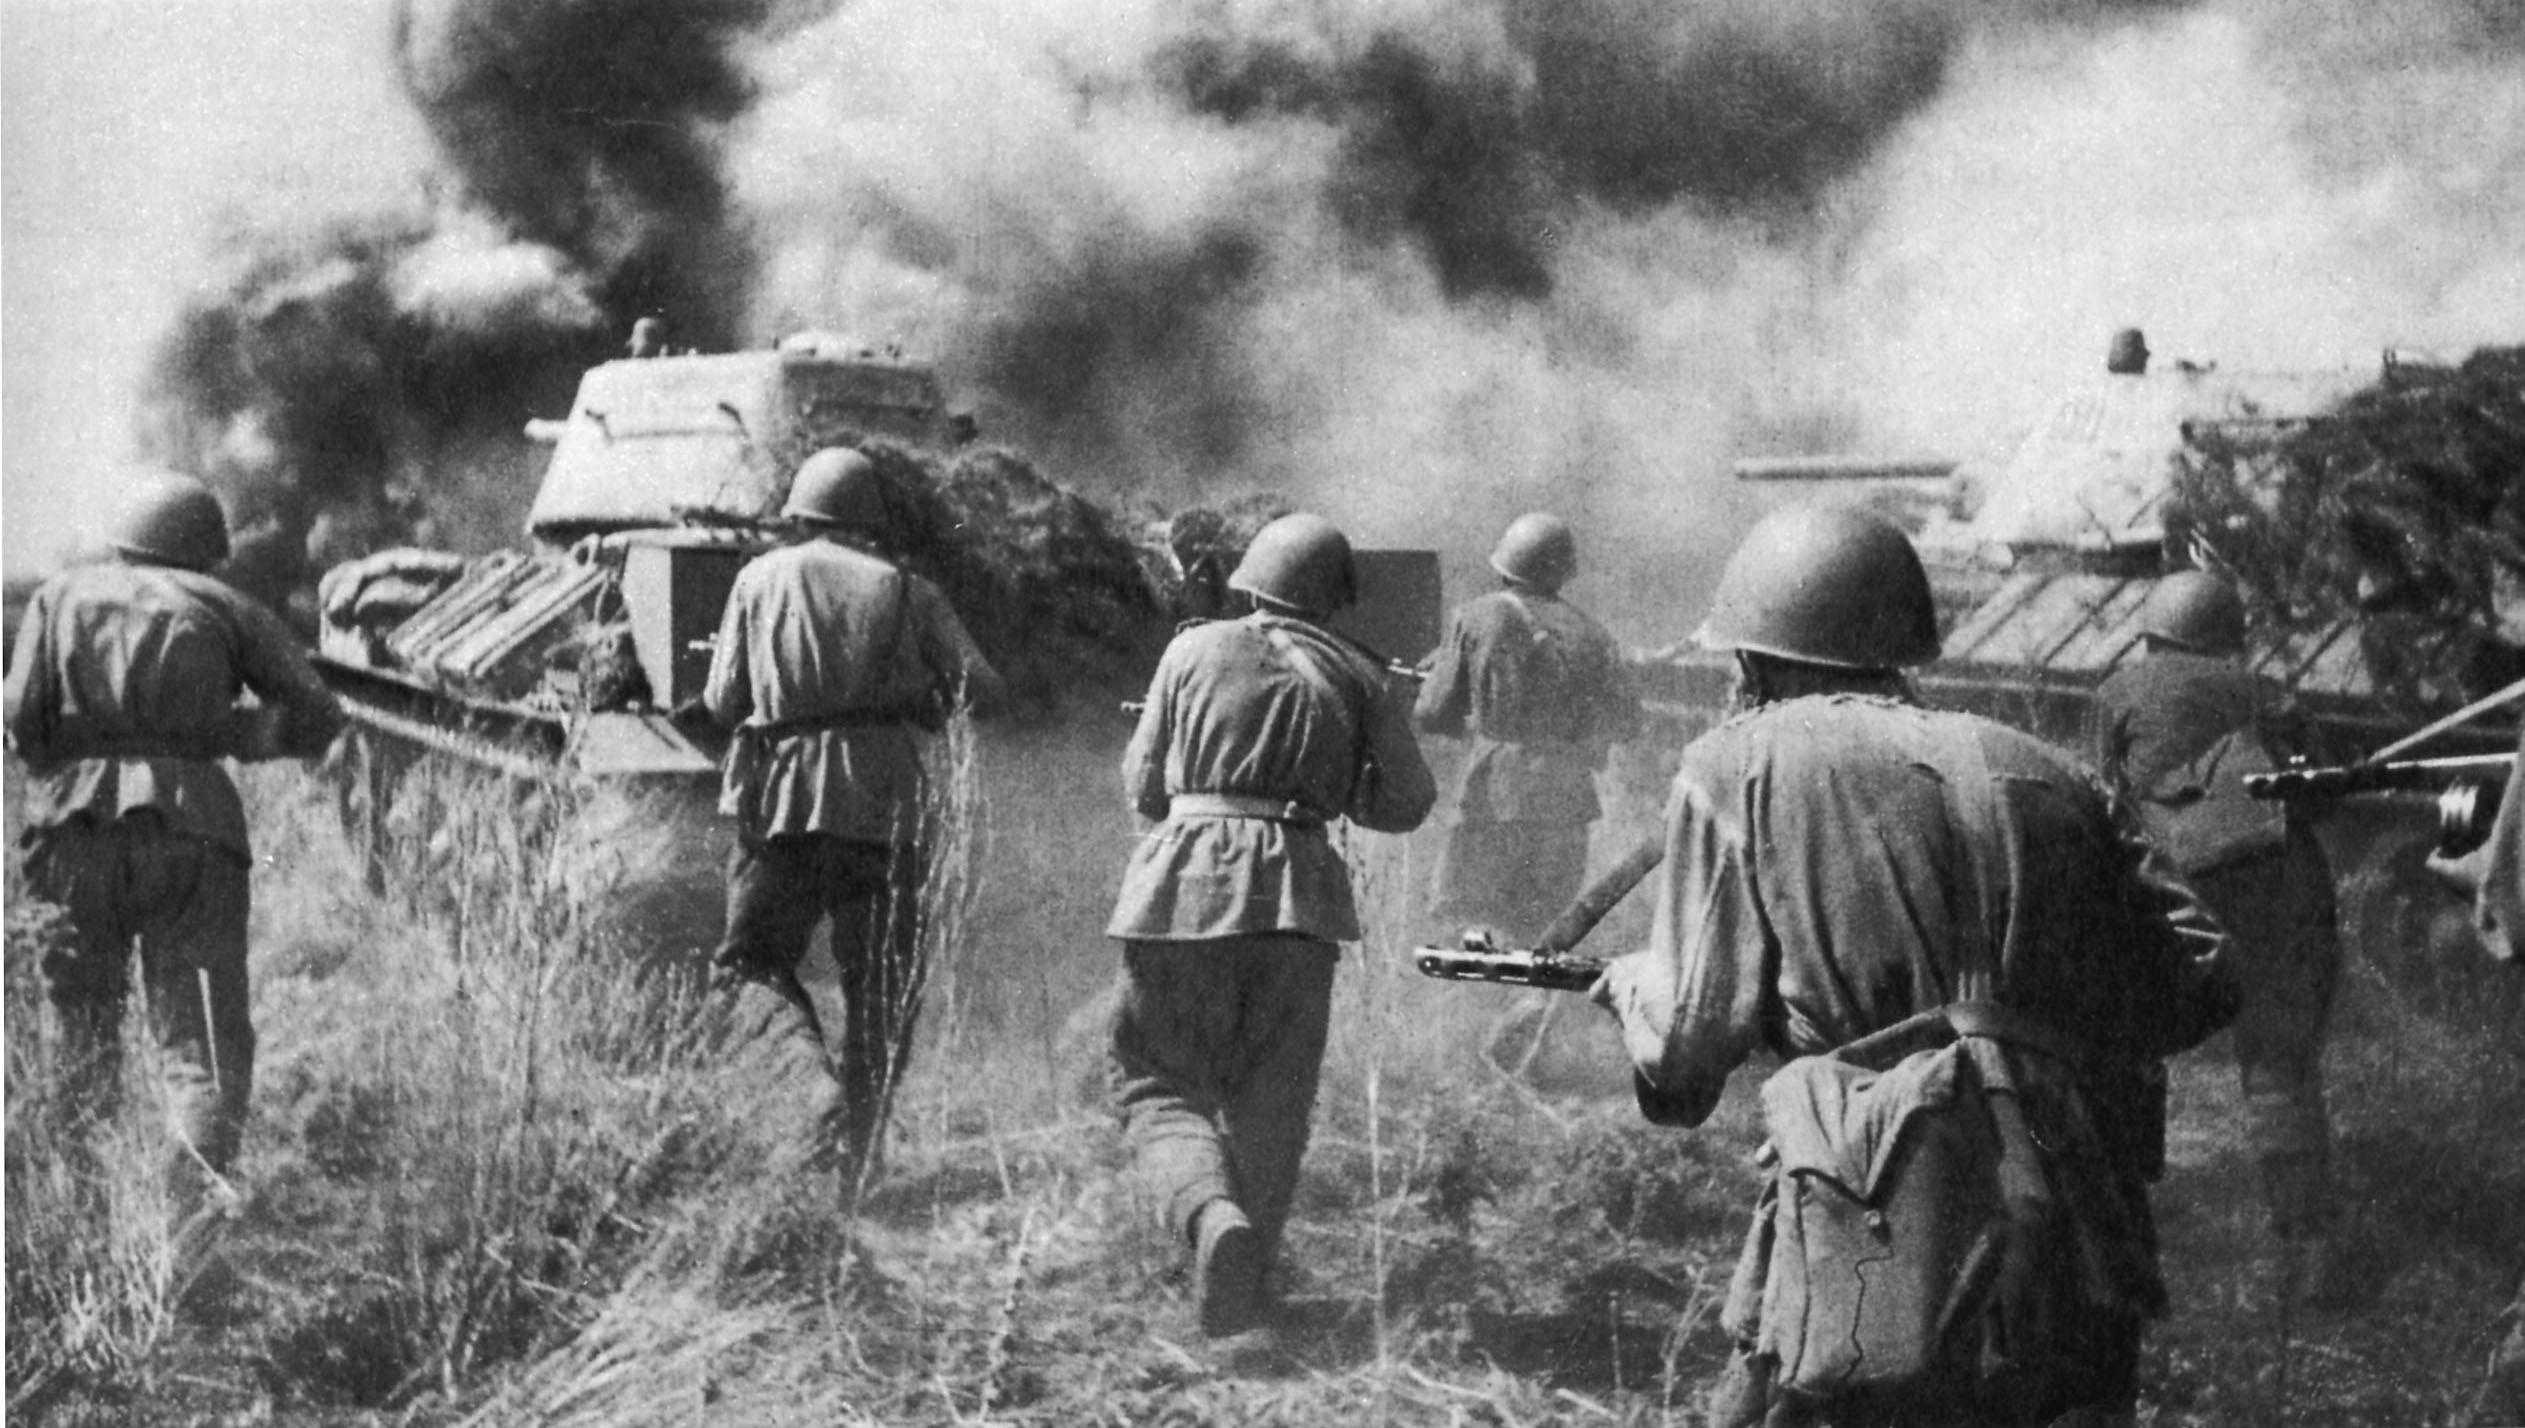 наступление во время войны